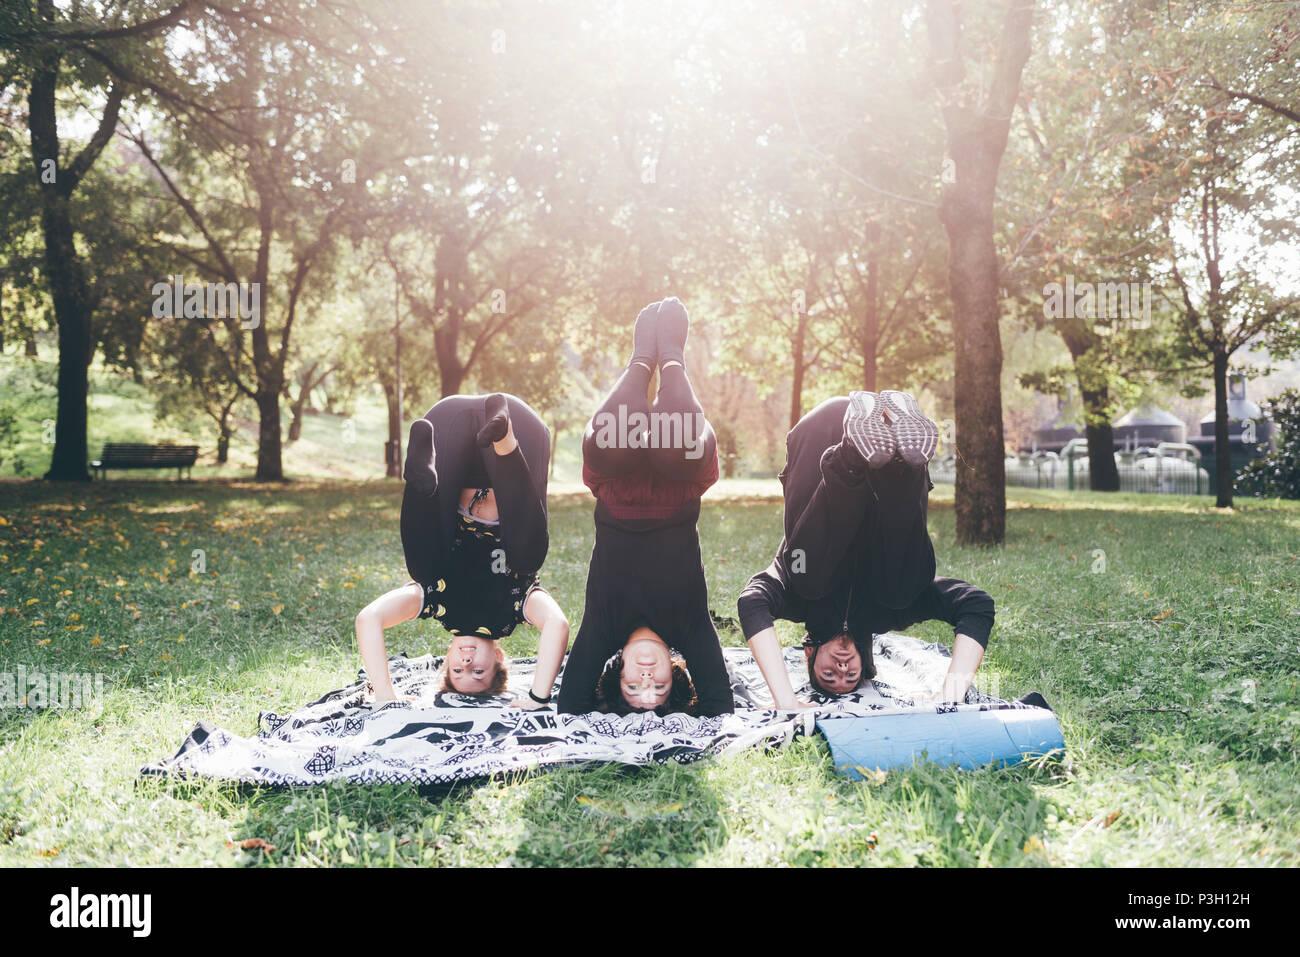 Junge Menschen und Frauen, die sich im Freien in einem Stadtpark in sonniger Tag sportlich, Training, Wellness Konzept Stockbild